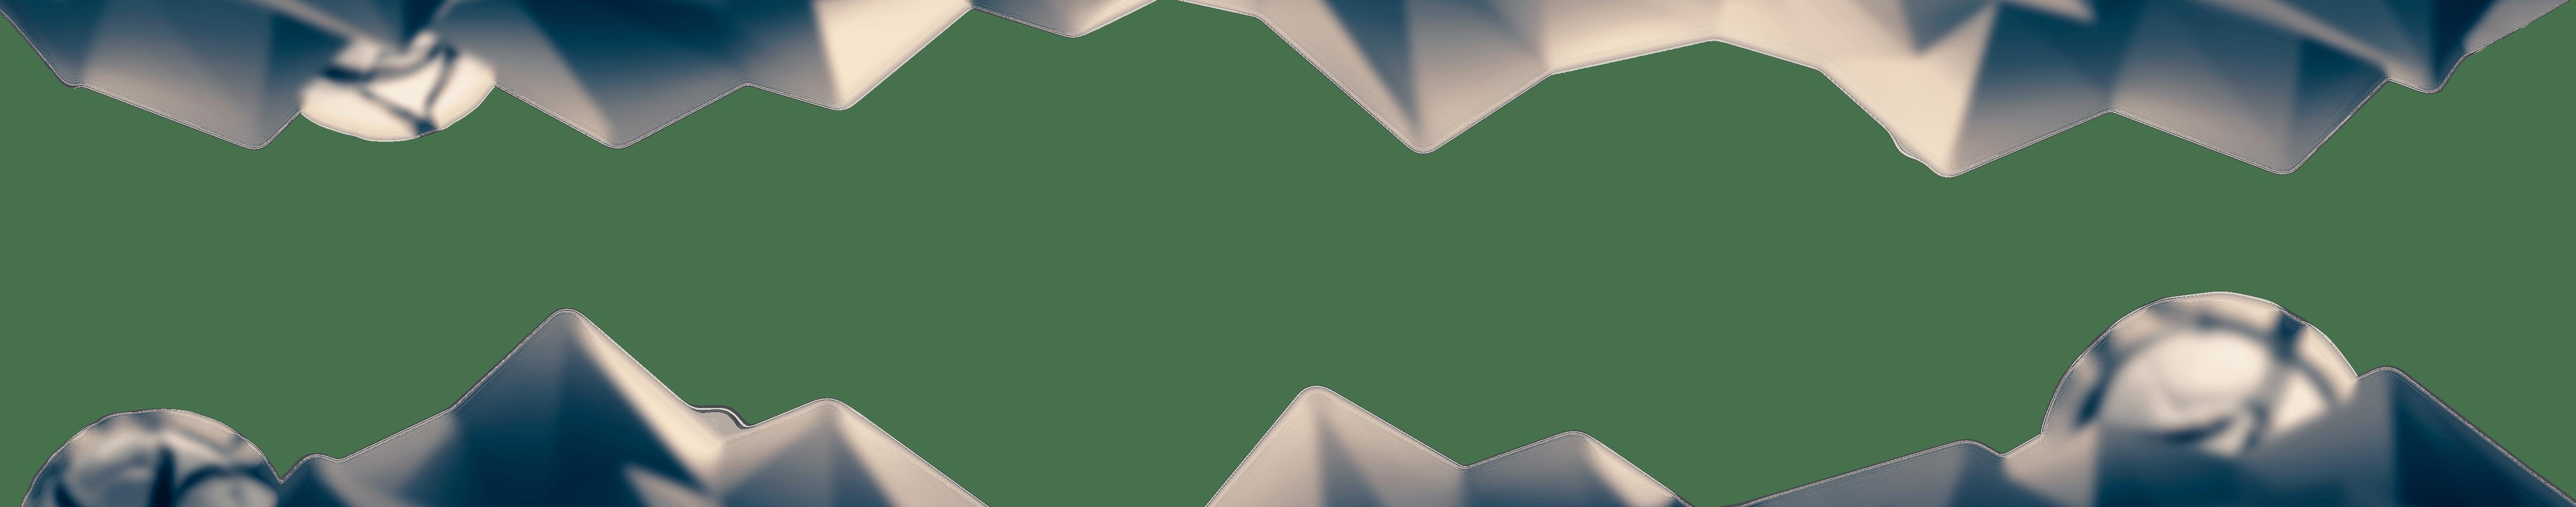 Web-Programmierung entwickelt für Ihre spezifischen Anforderungen und Bedürfnisse - Qualitativ - Einzigartig - Kostentransparent - DBMUD